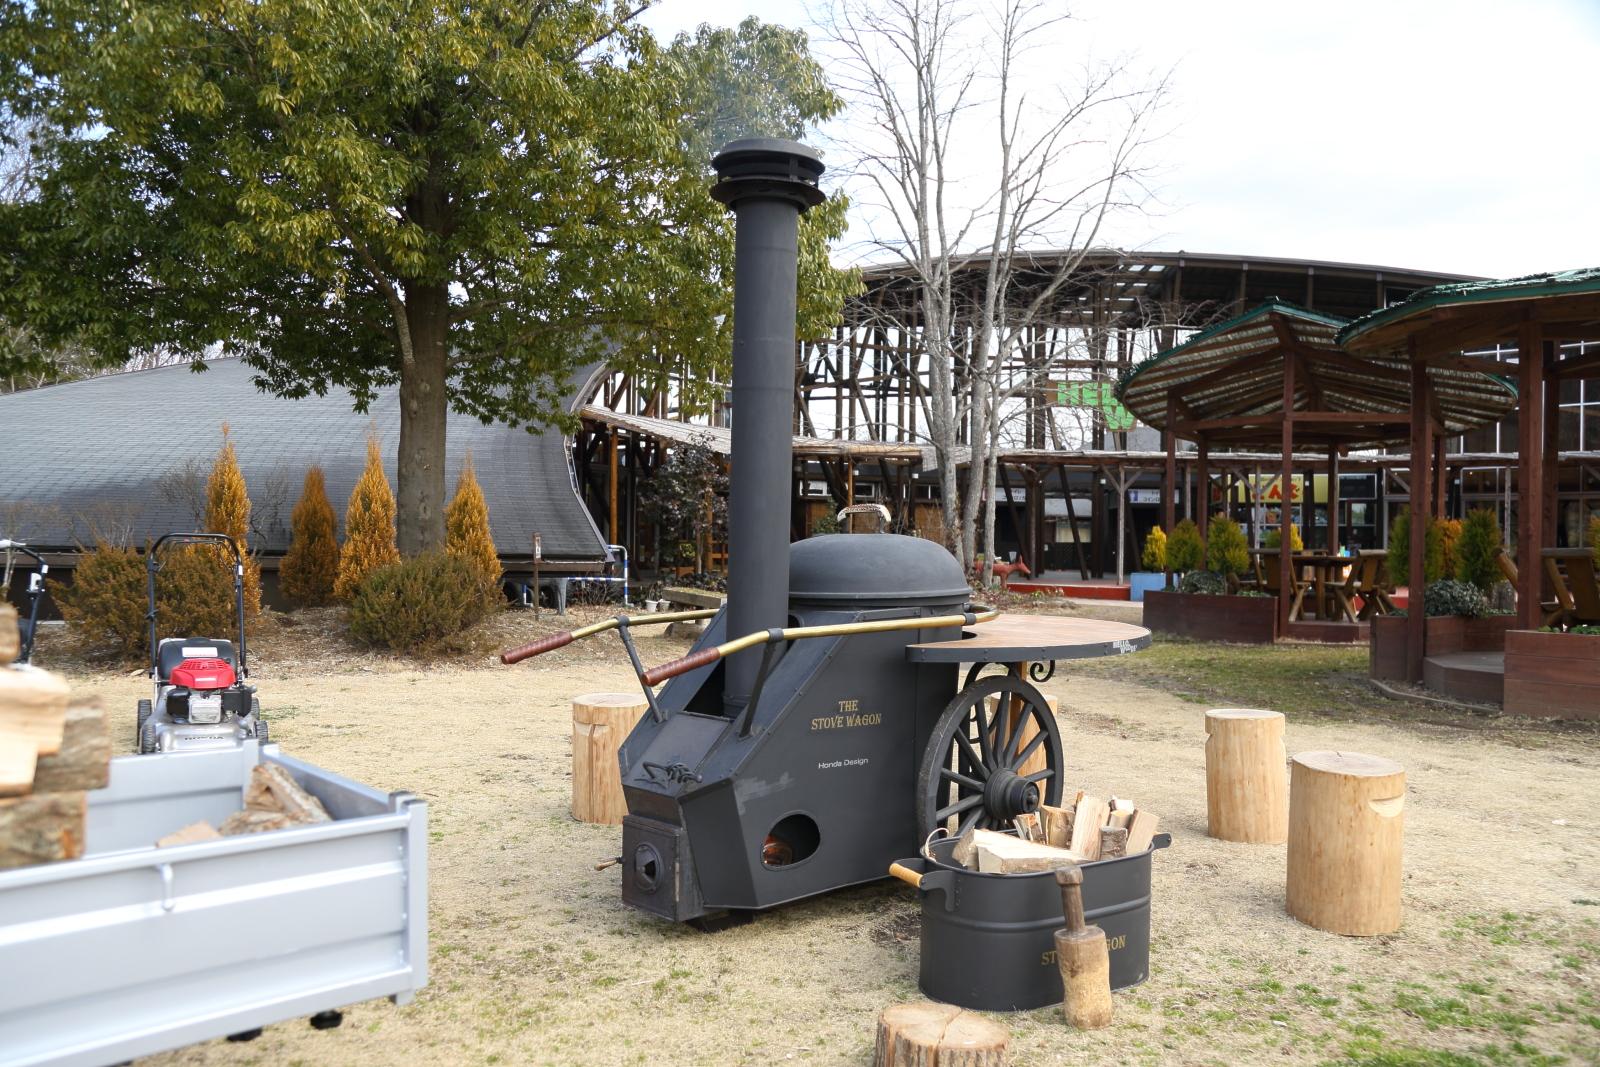 ちなみに「ハローウッズ」内にあるロケットストーブや巣箱も、普段さまざまなホンダ製品のデザインに携わっている社員の作品だ